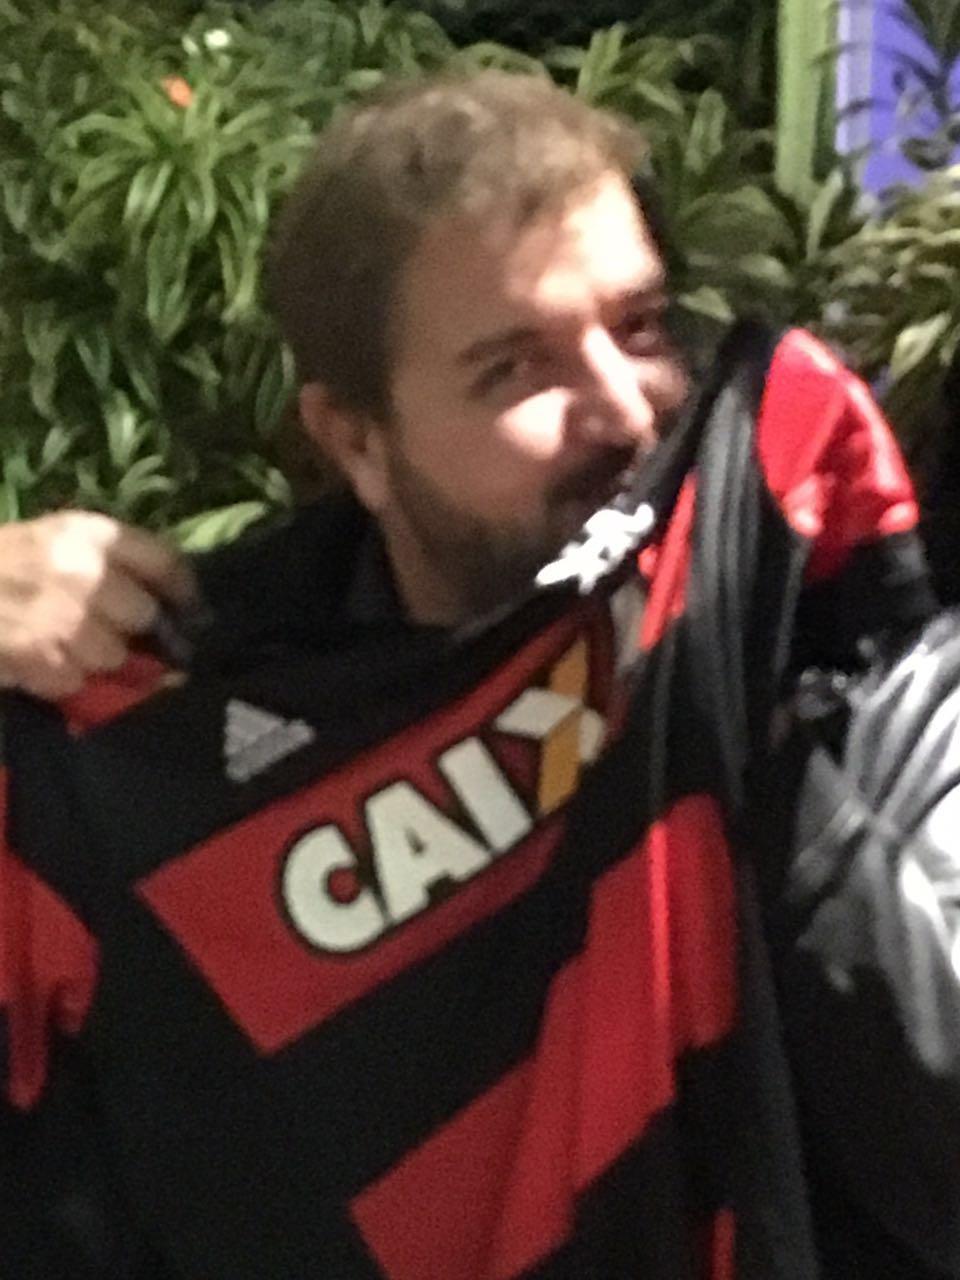 Robert Rubro-Negro